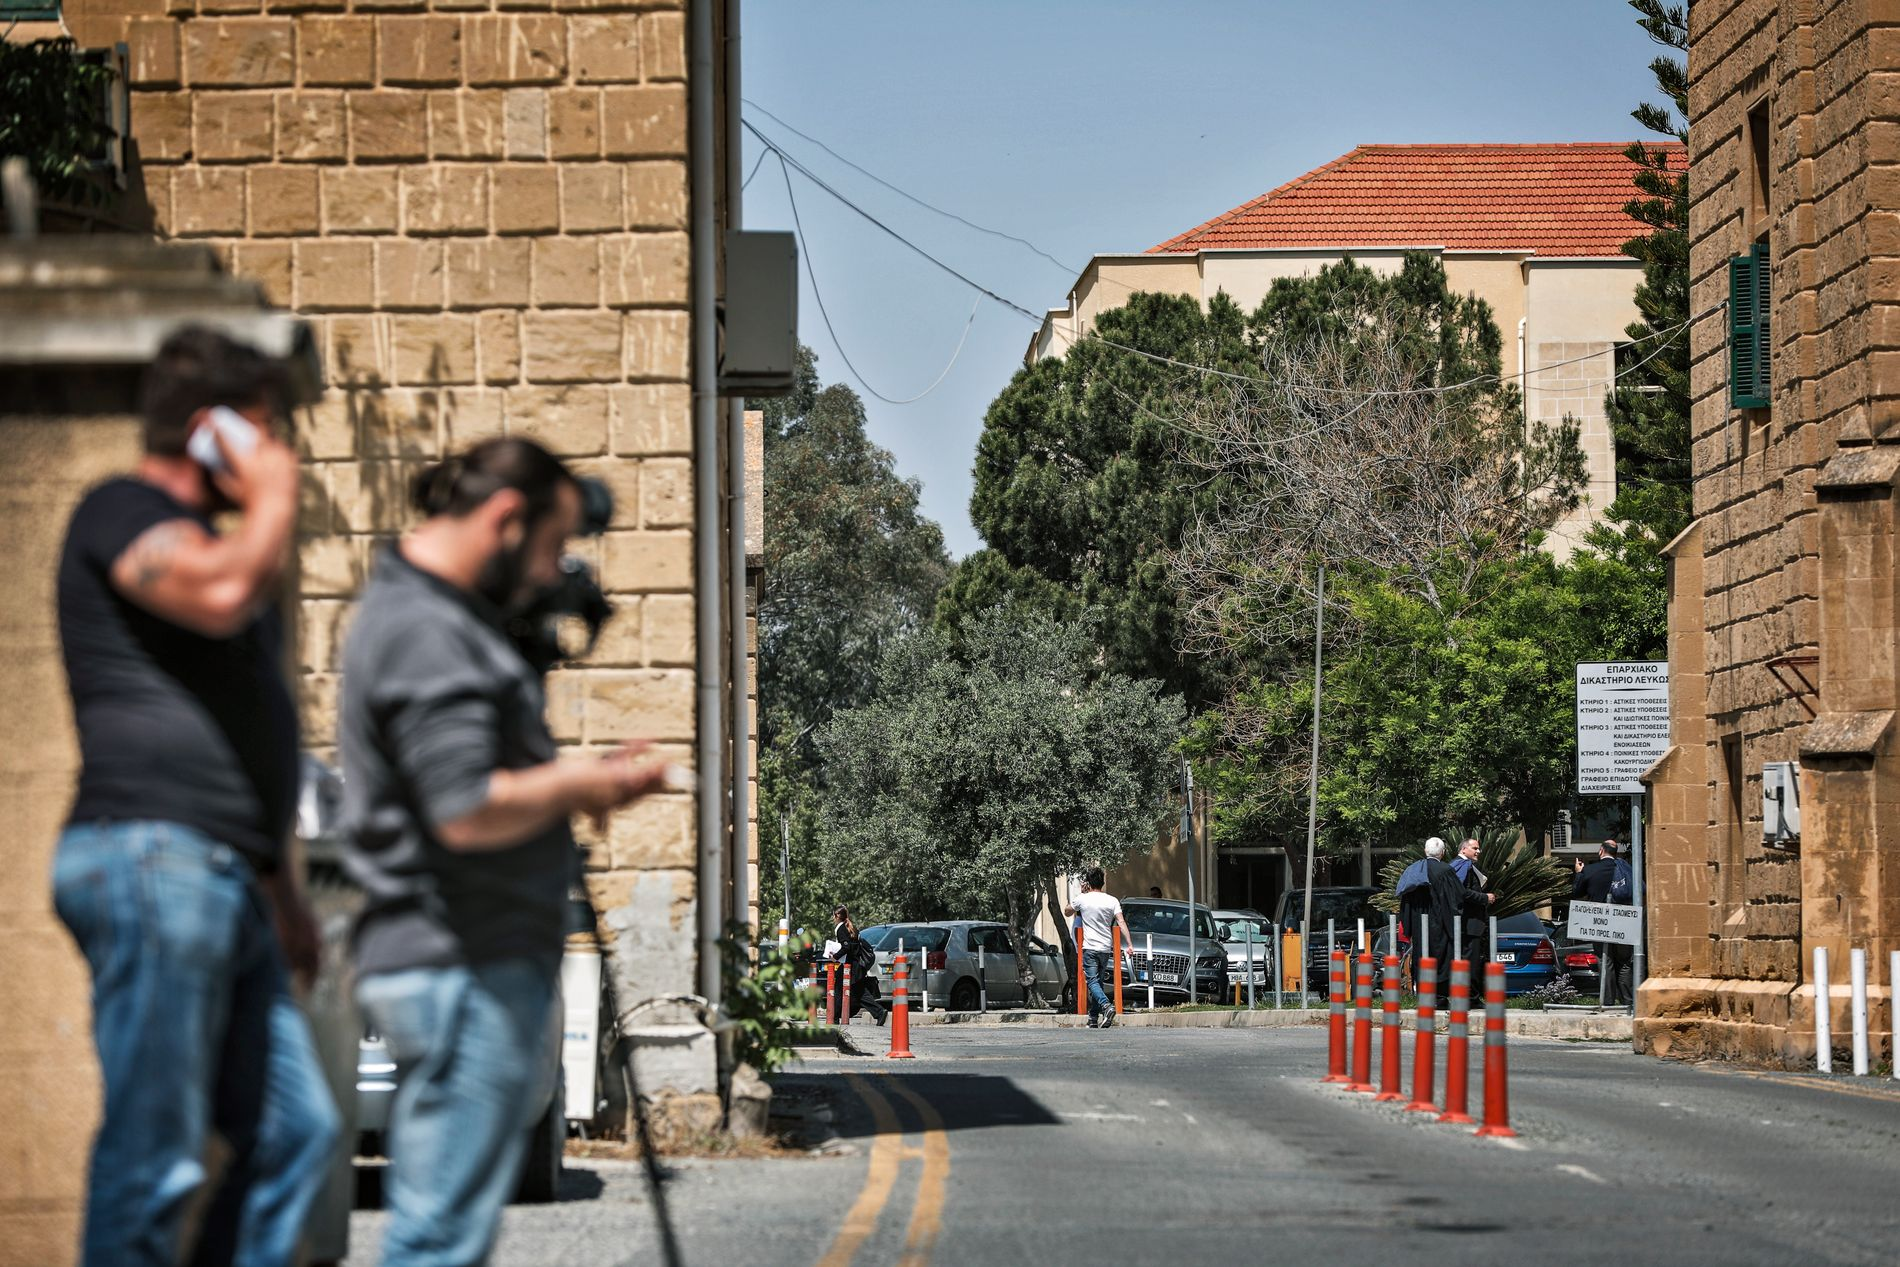 UTENFOR RETTSLOKALET: Fire personer ble fremstilt for varetektsfengsling i Nikosia på Kypros fredag. FOTO: JØRGEN BRAASTAD, VG